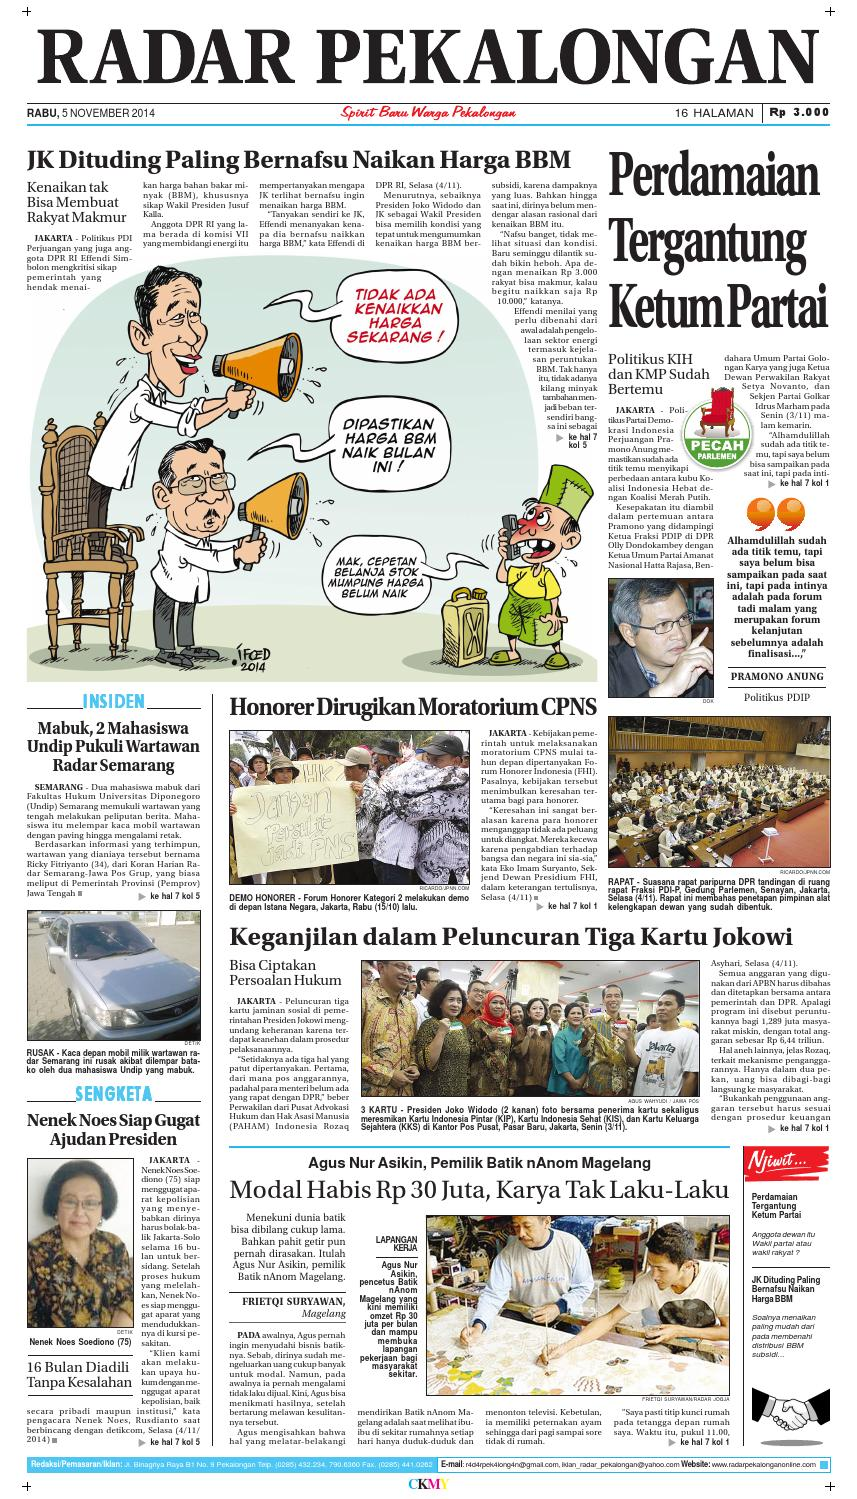 Radar Pekalongan 5 November 2014 By Issuu Produk Ukm Bumn Sepatu Batik Chanting Katun